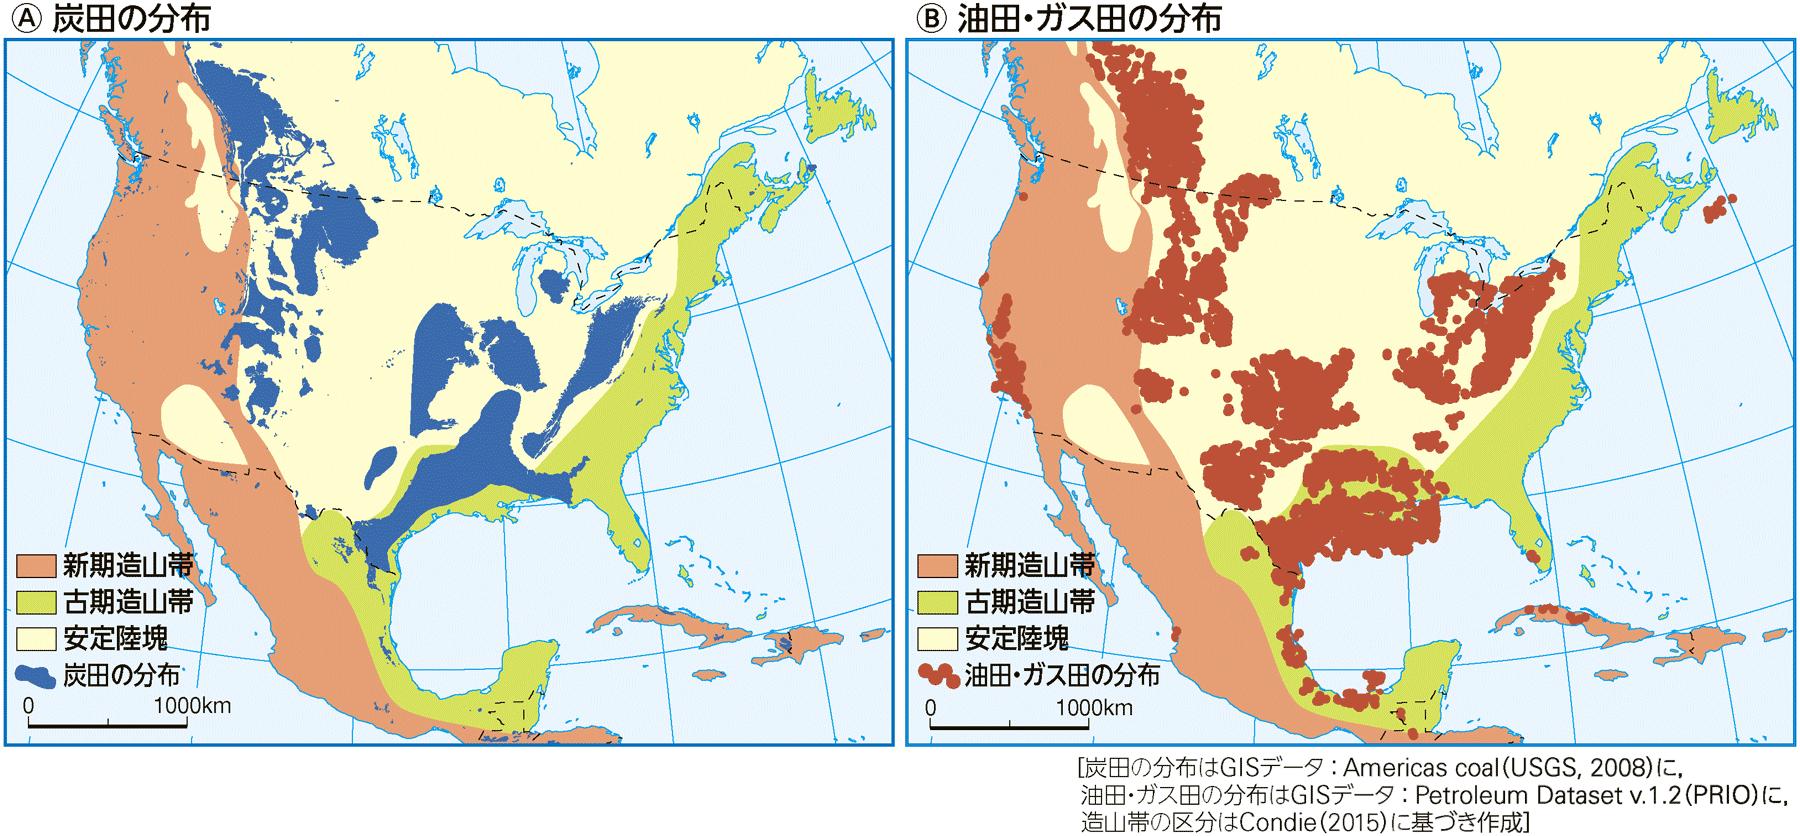 北アメリカ大陸における化石燃料の埋蔵場所と造山帯の関係